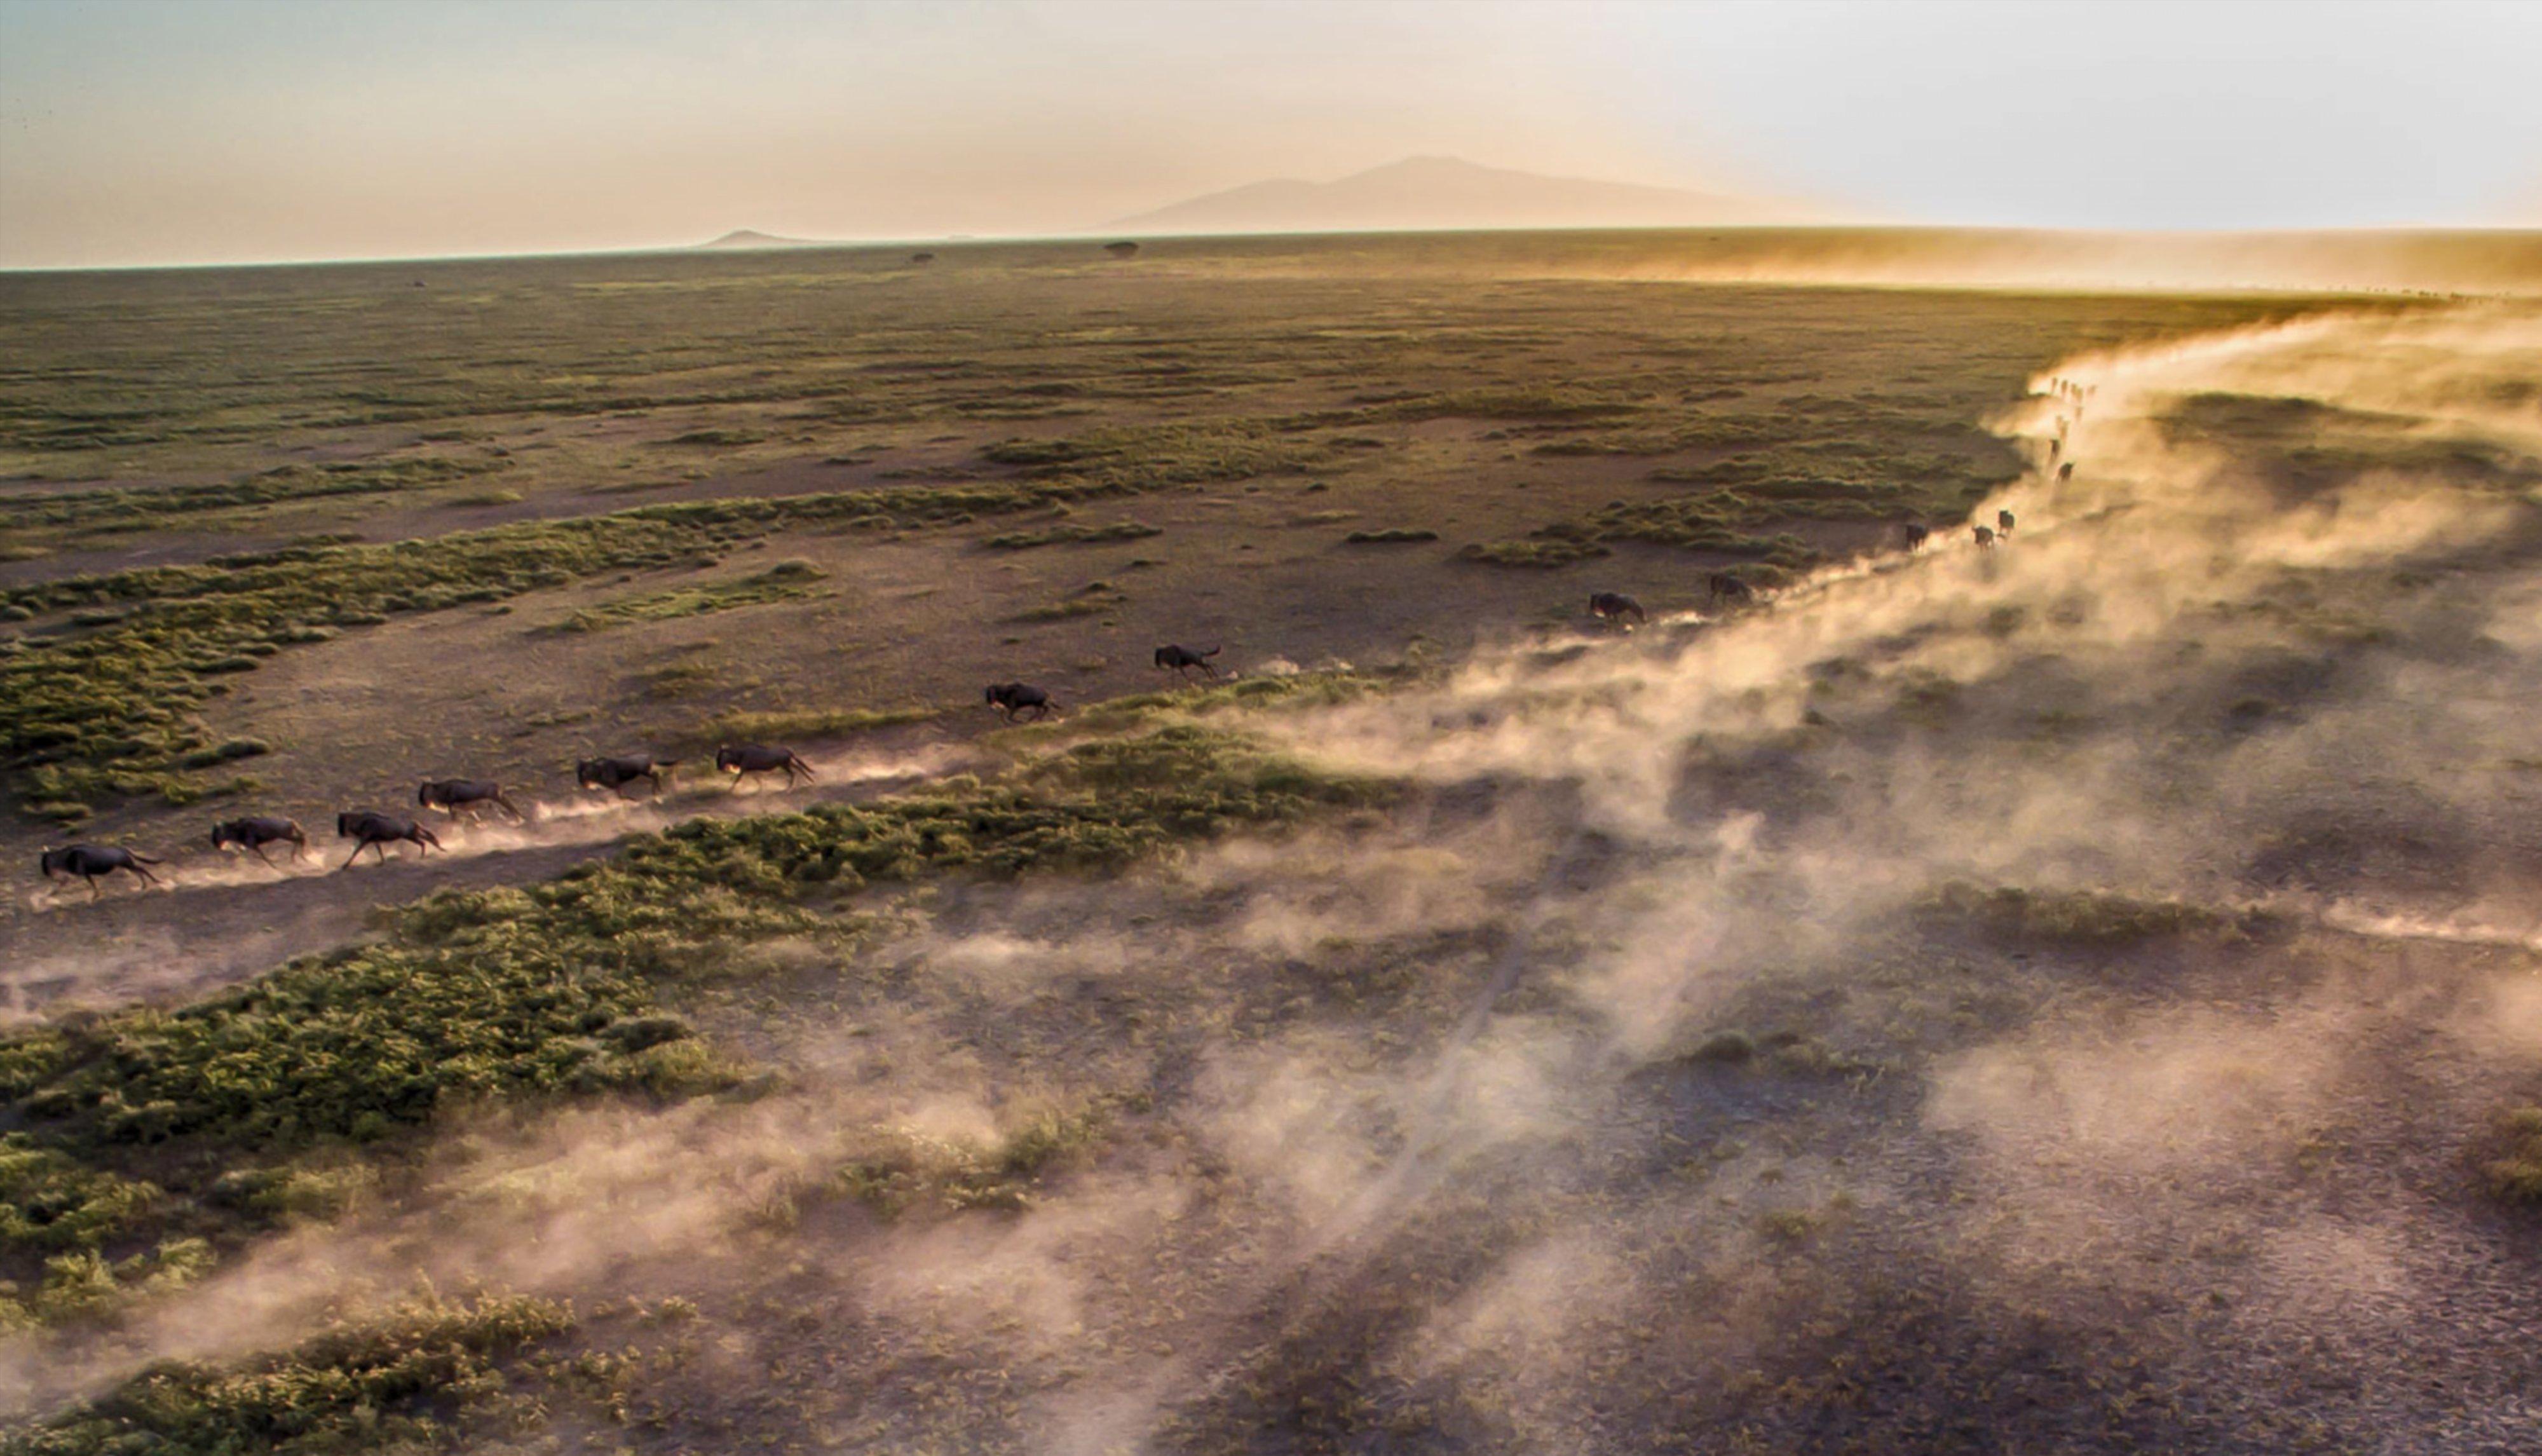 Wildebeest-great-migration-running